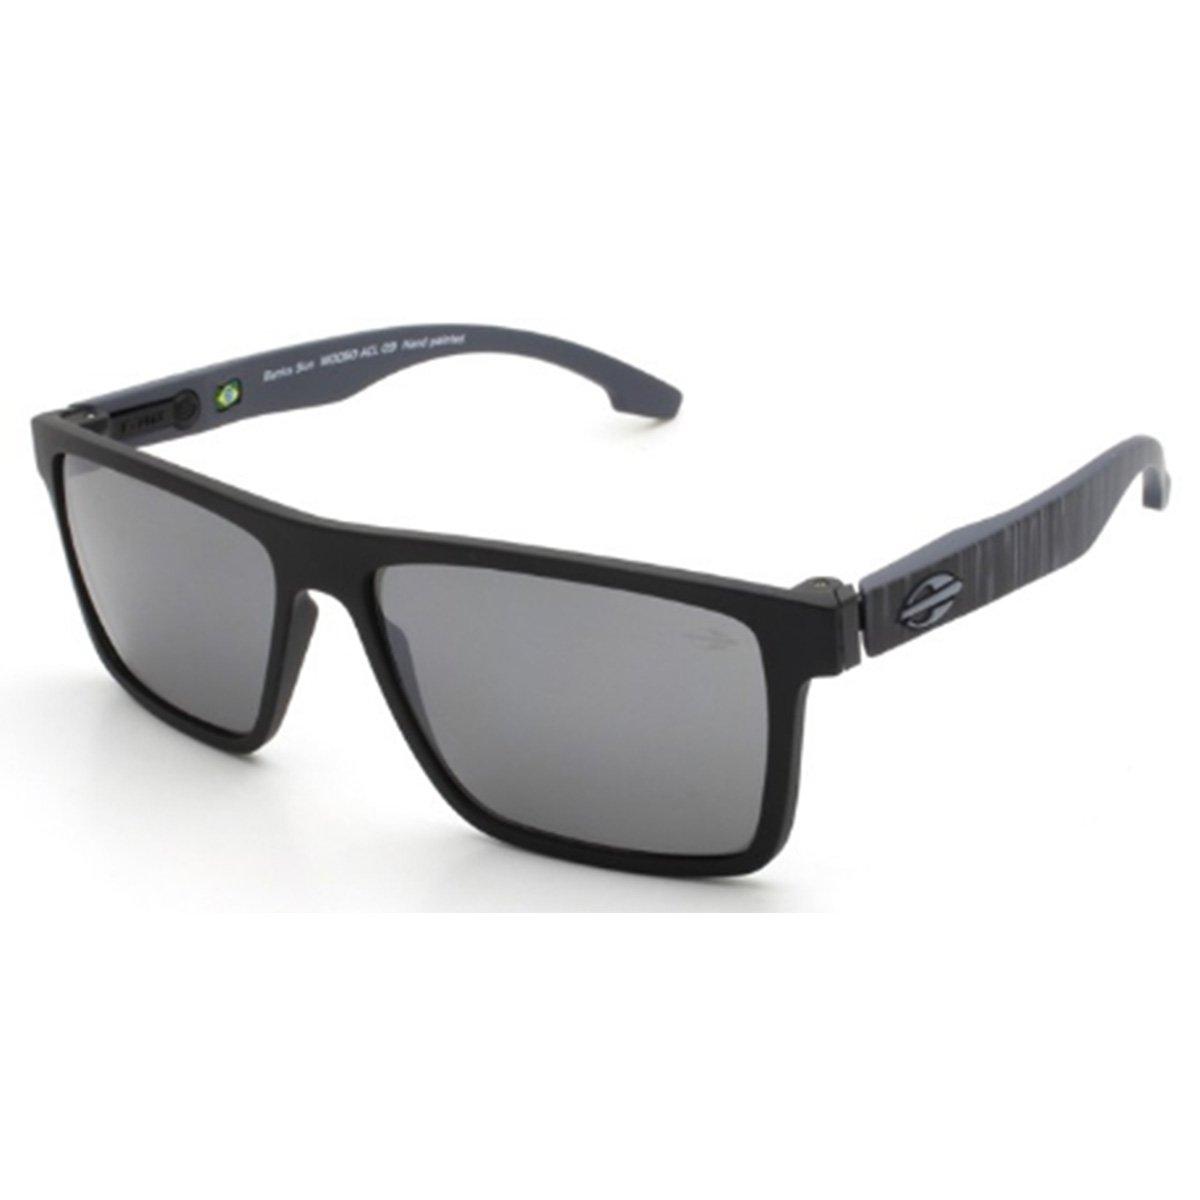 dd7ef730d0b49 Compre Óculos de Sol Mormaii Banks Sun em 10X   Tri-Jóia Shop